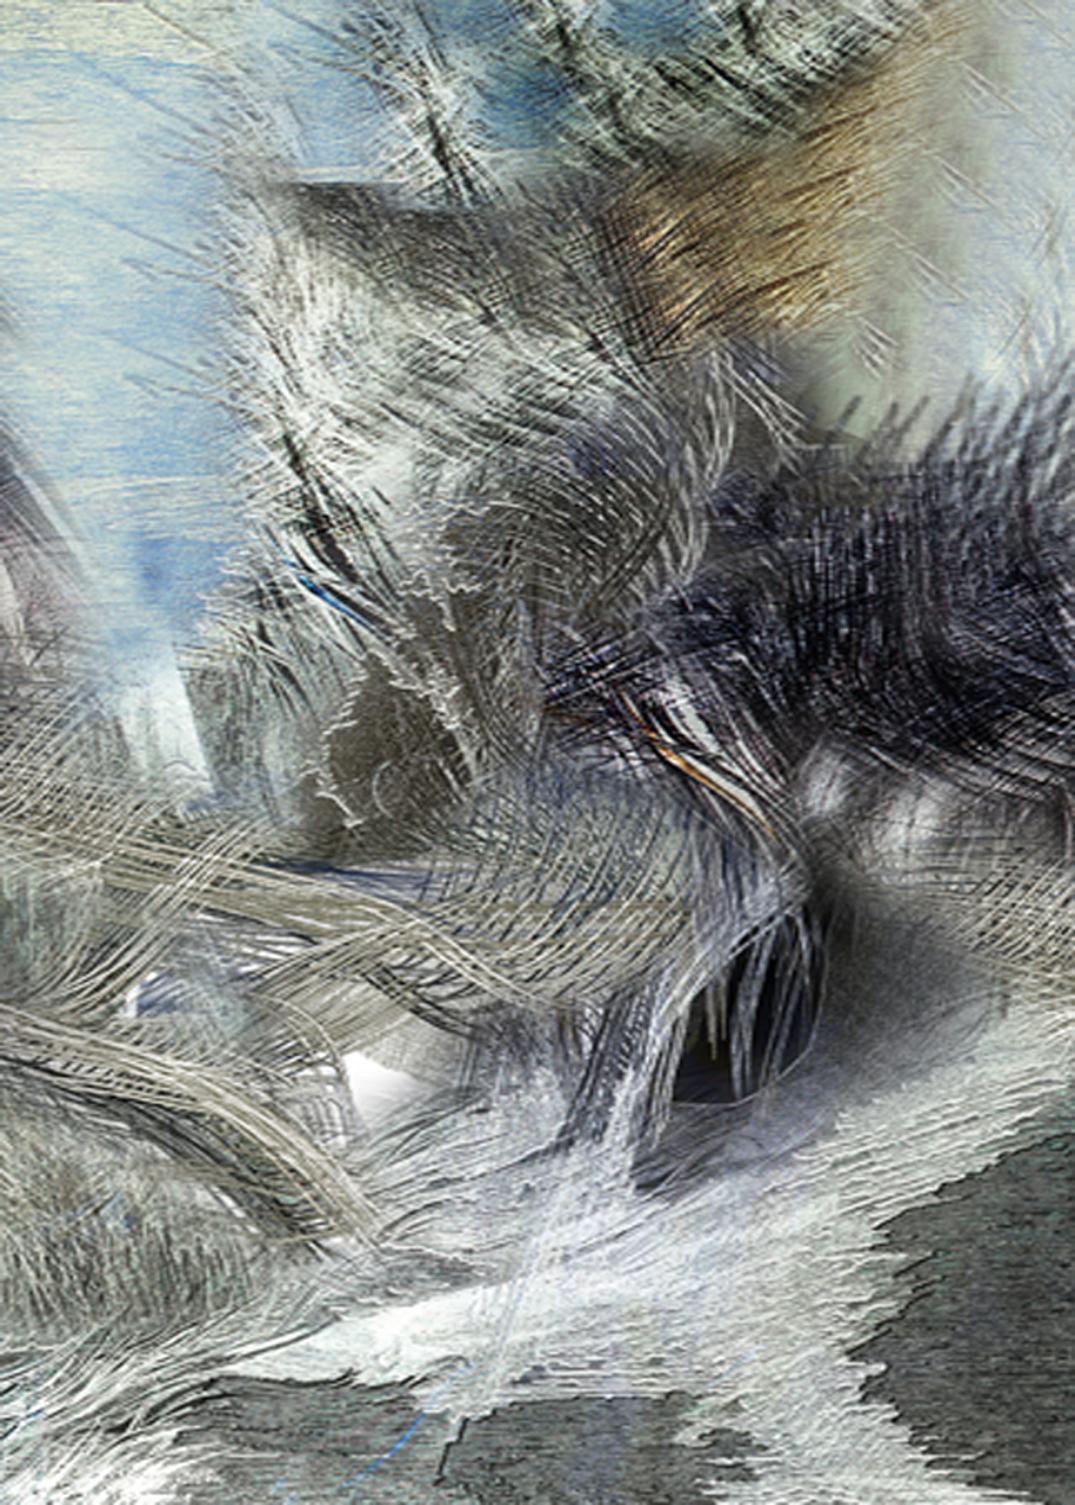 Wiatr 11, Błękitna linia , 56x39, 2001.jpg